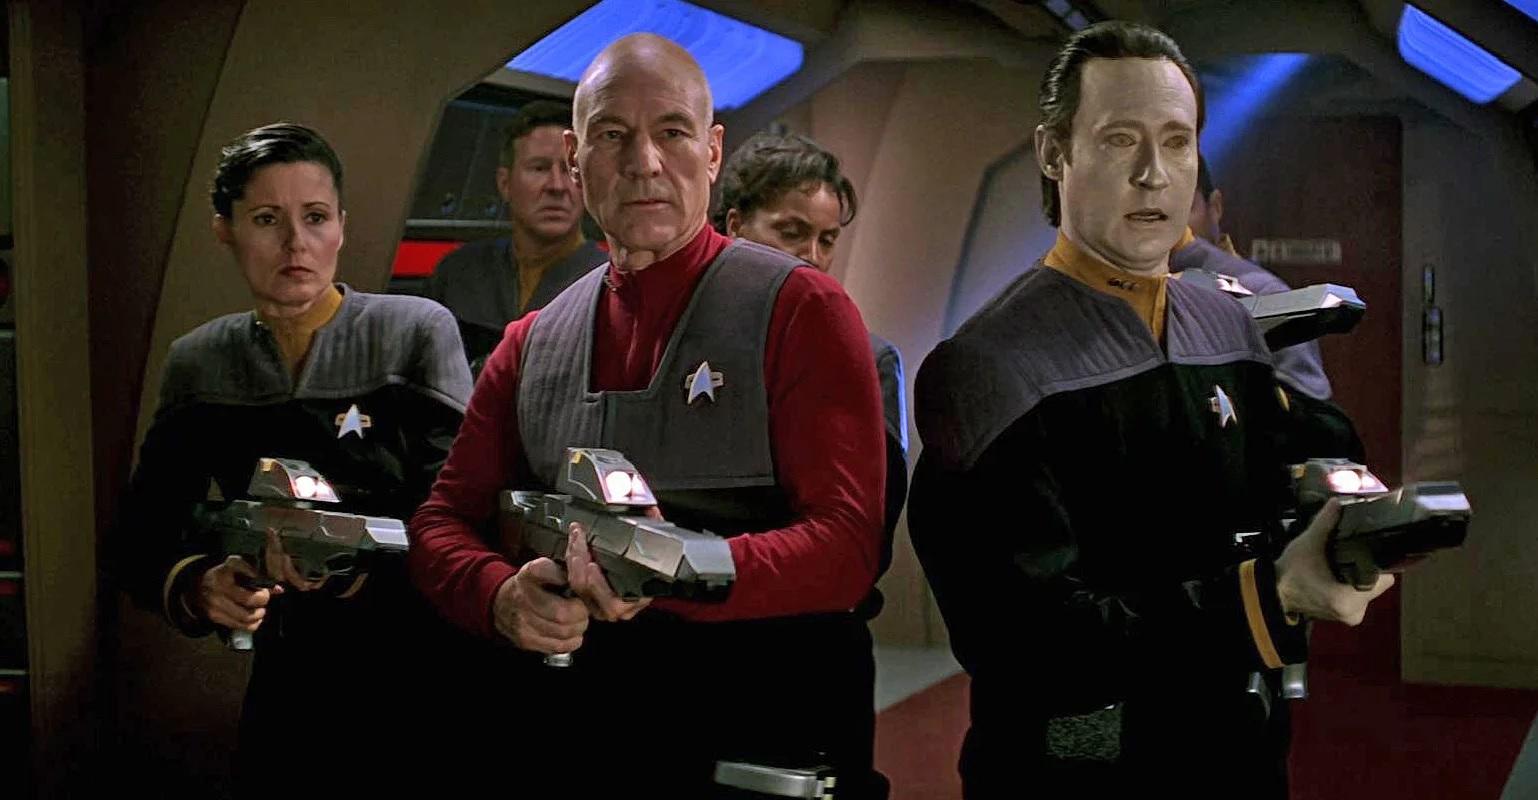 12. Star Trek First Contact